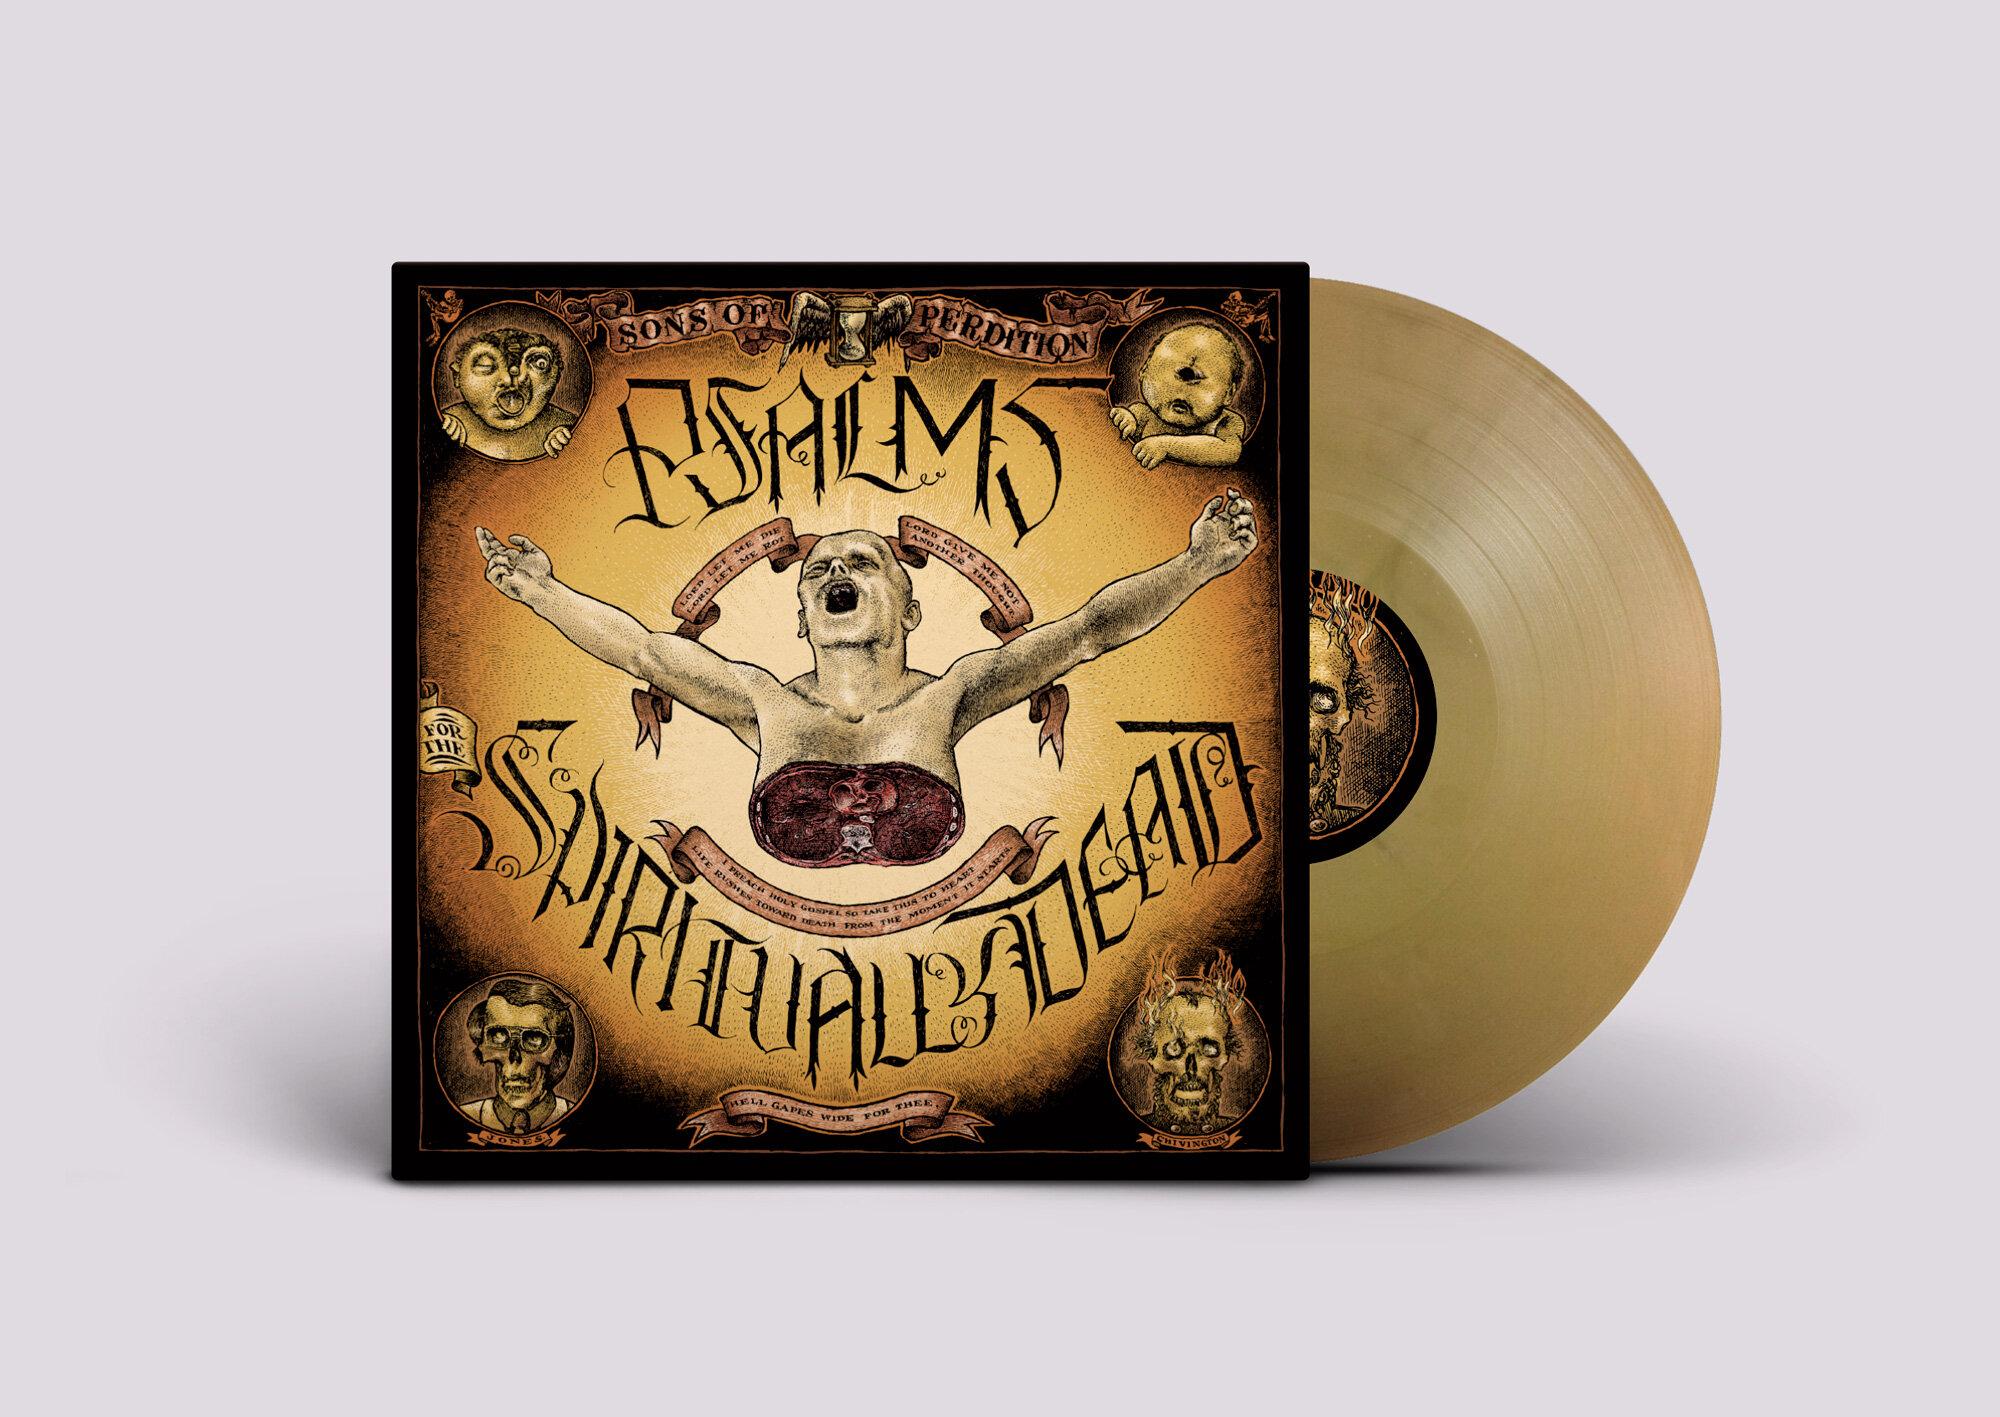 SR18_SonsOfPerdition_Gold_Vinyl-Mockup.jpg